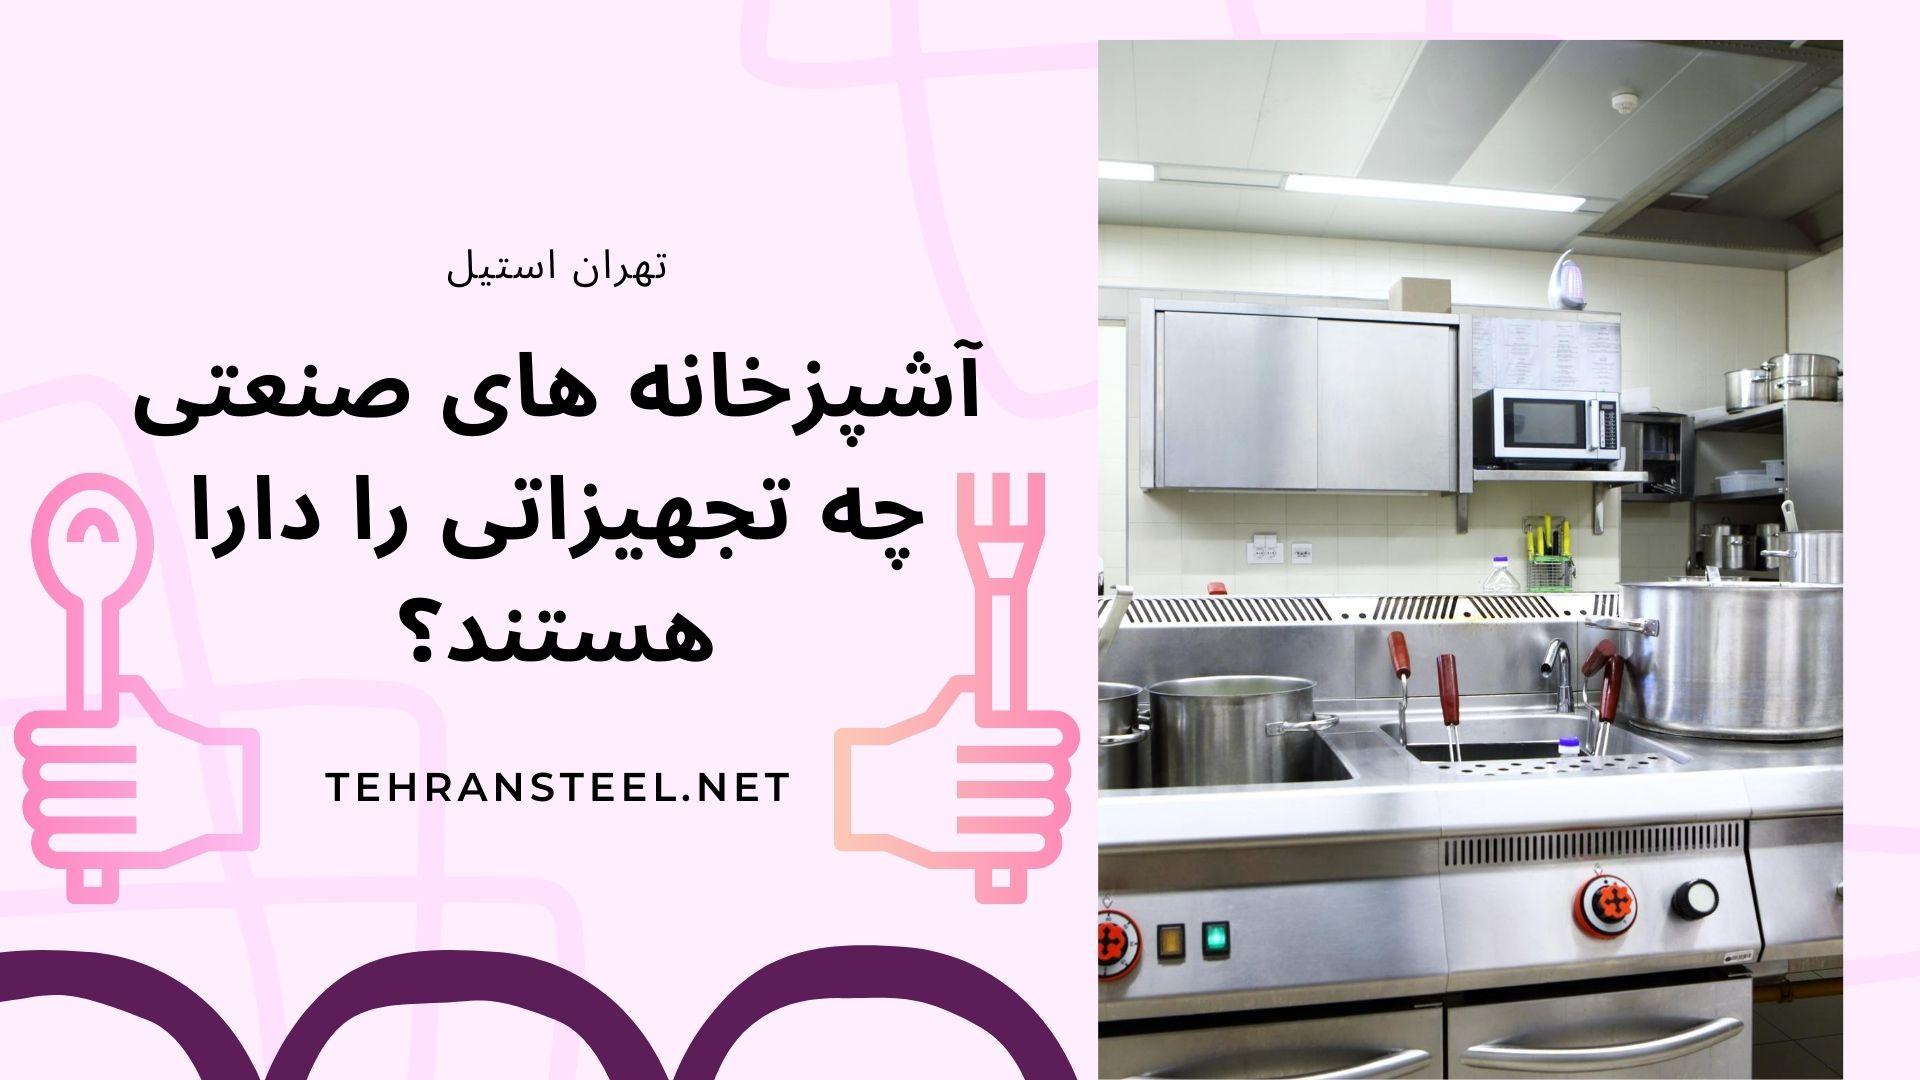 آشپزخانه های صنعتی چه تجهیزاتی را دارا هستند؟